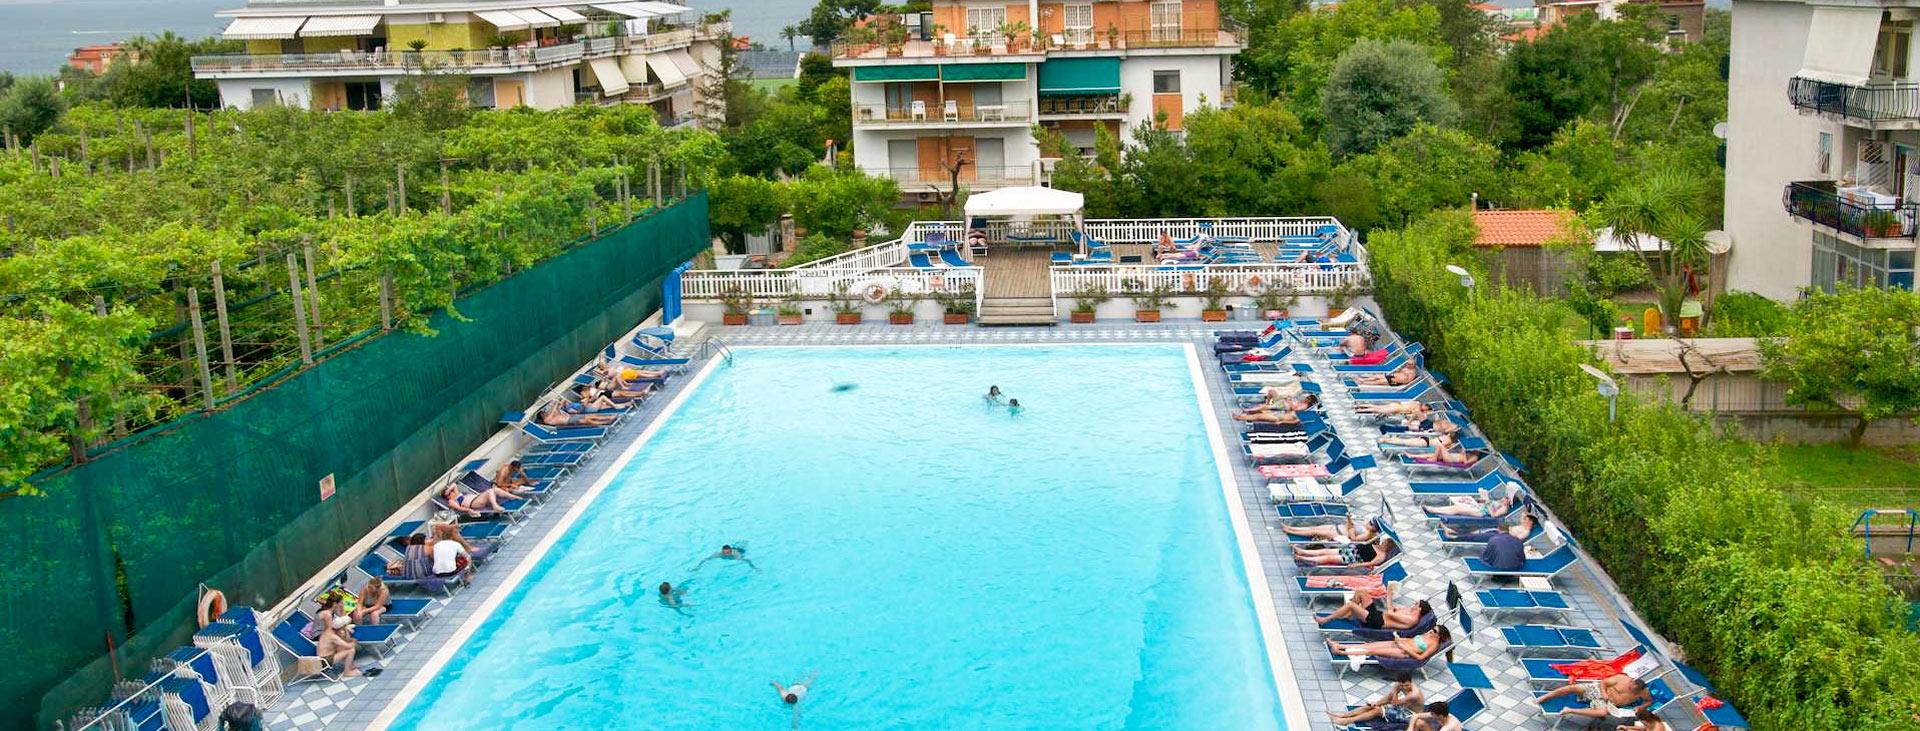 Grand Hotel Flora, Sorrento, Amalfin rannikko, Italia